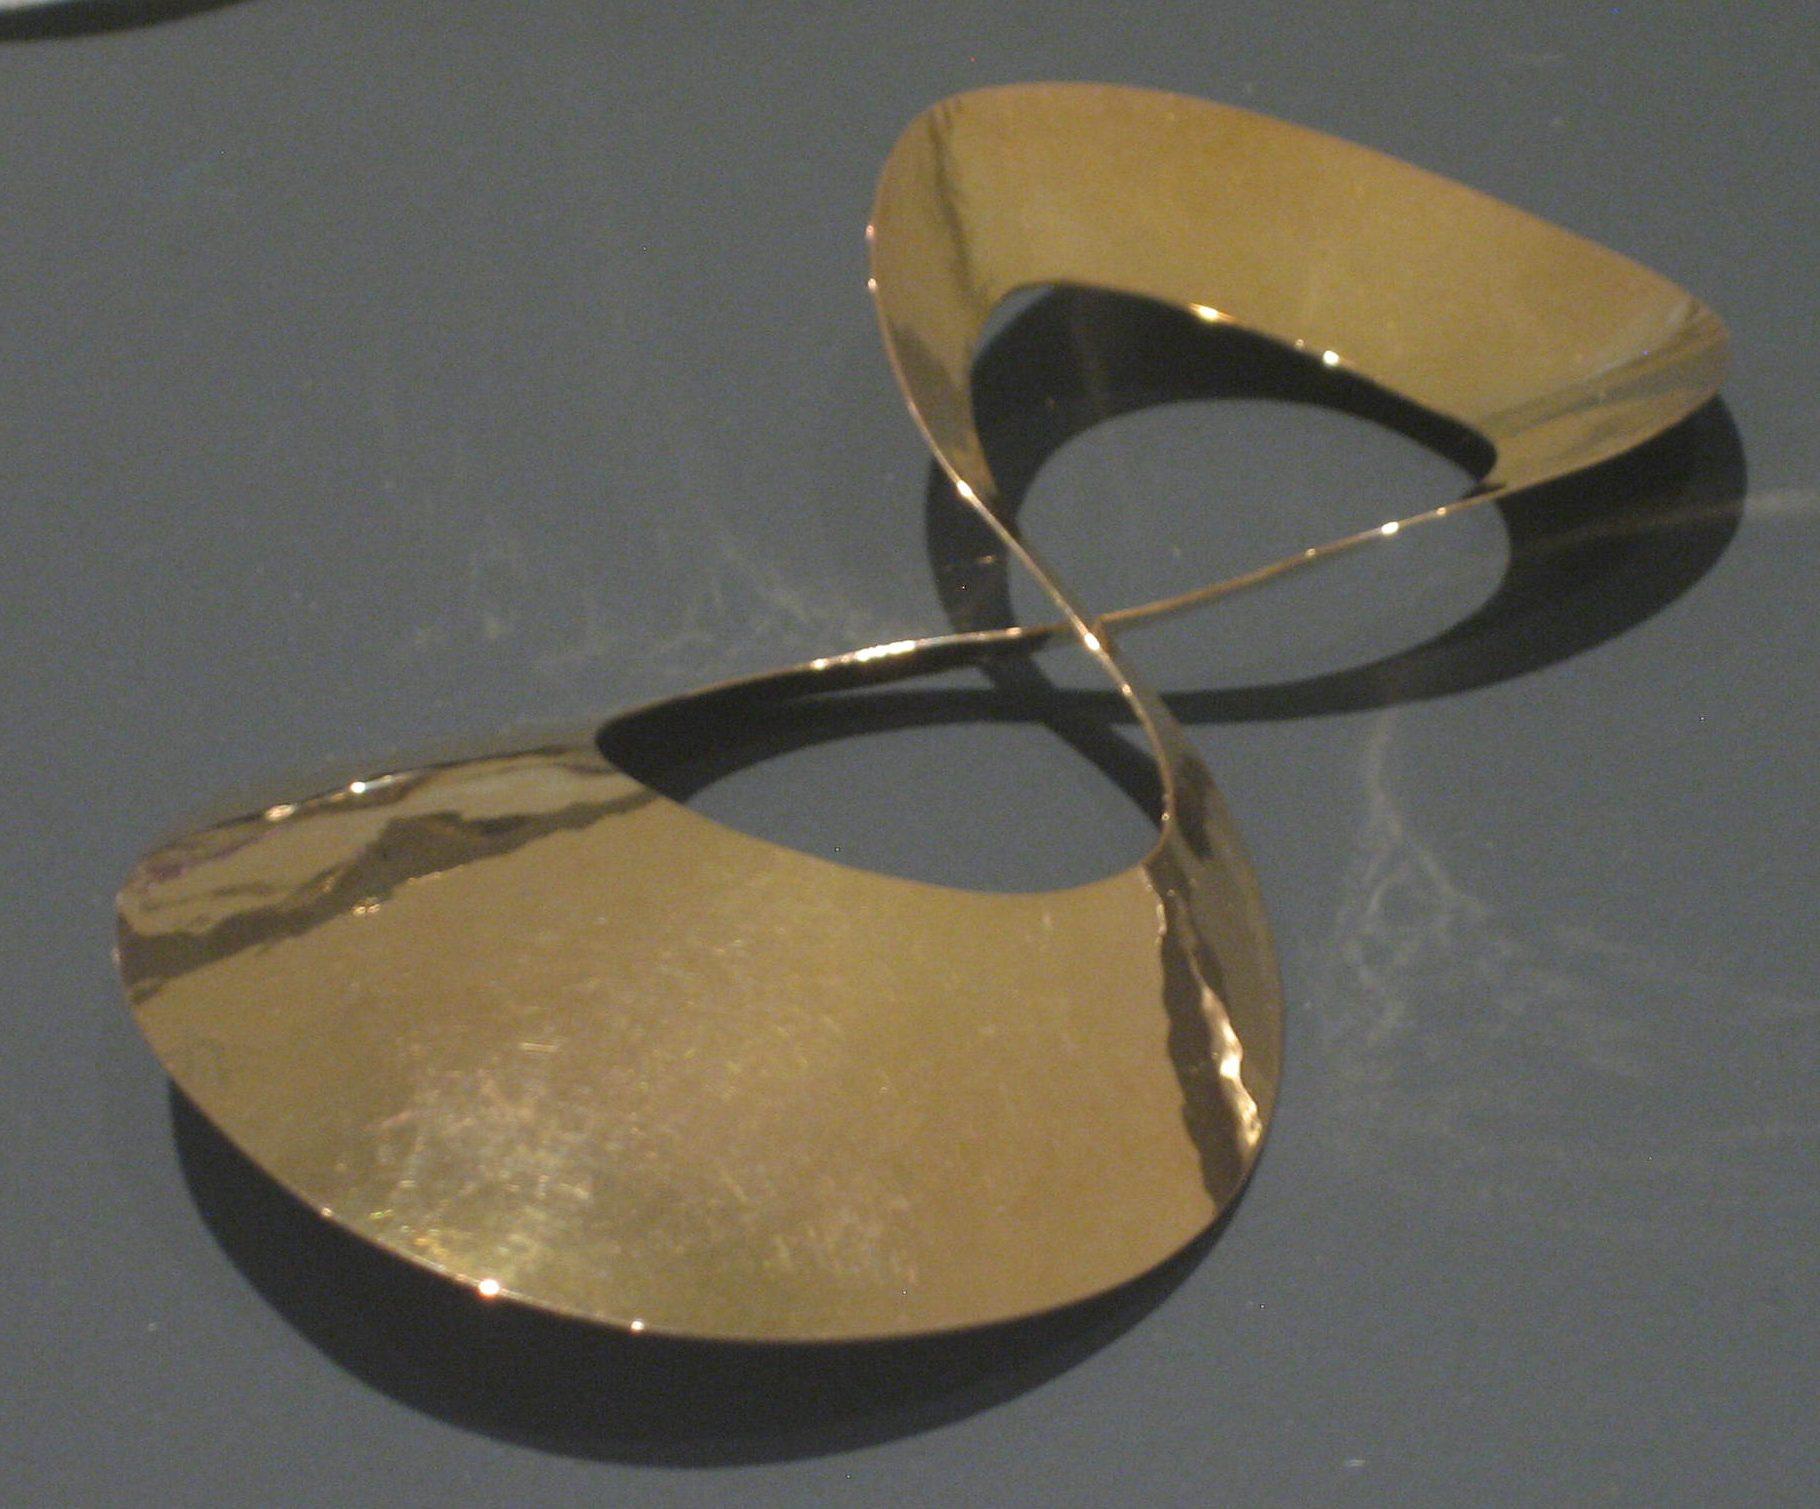 Emmy van Leersum, dasklem, 1965. Toen Emmy nu Gijs. Collectie Design Museum Den Bosch, goud